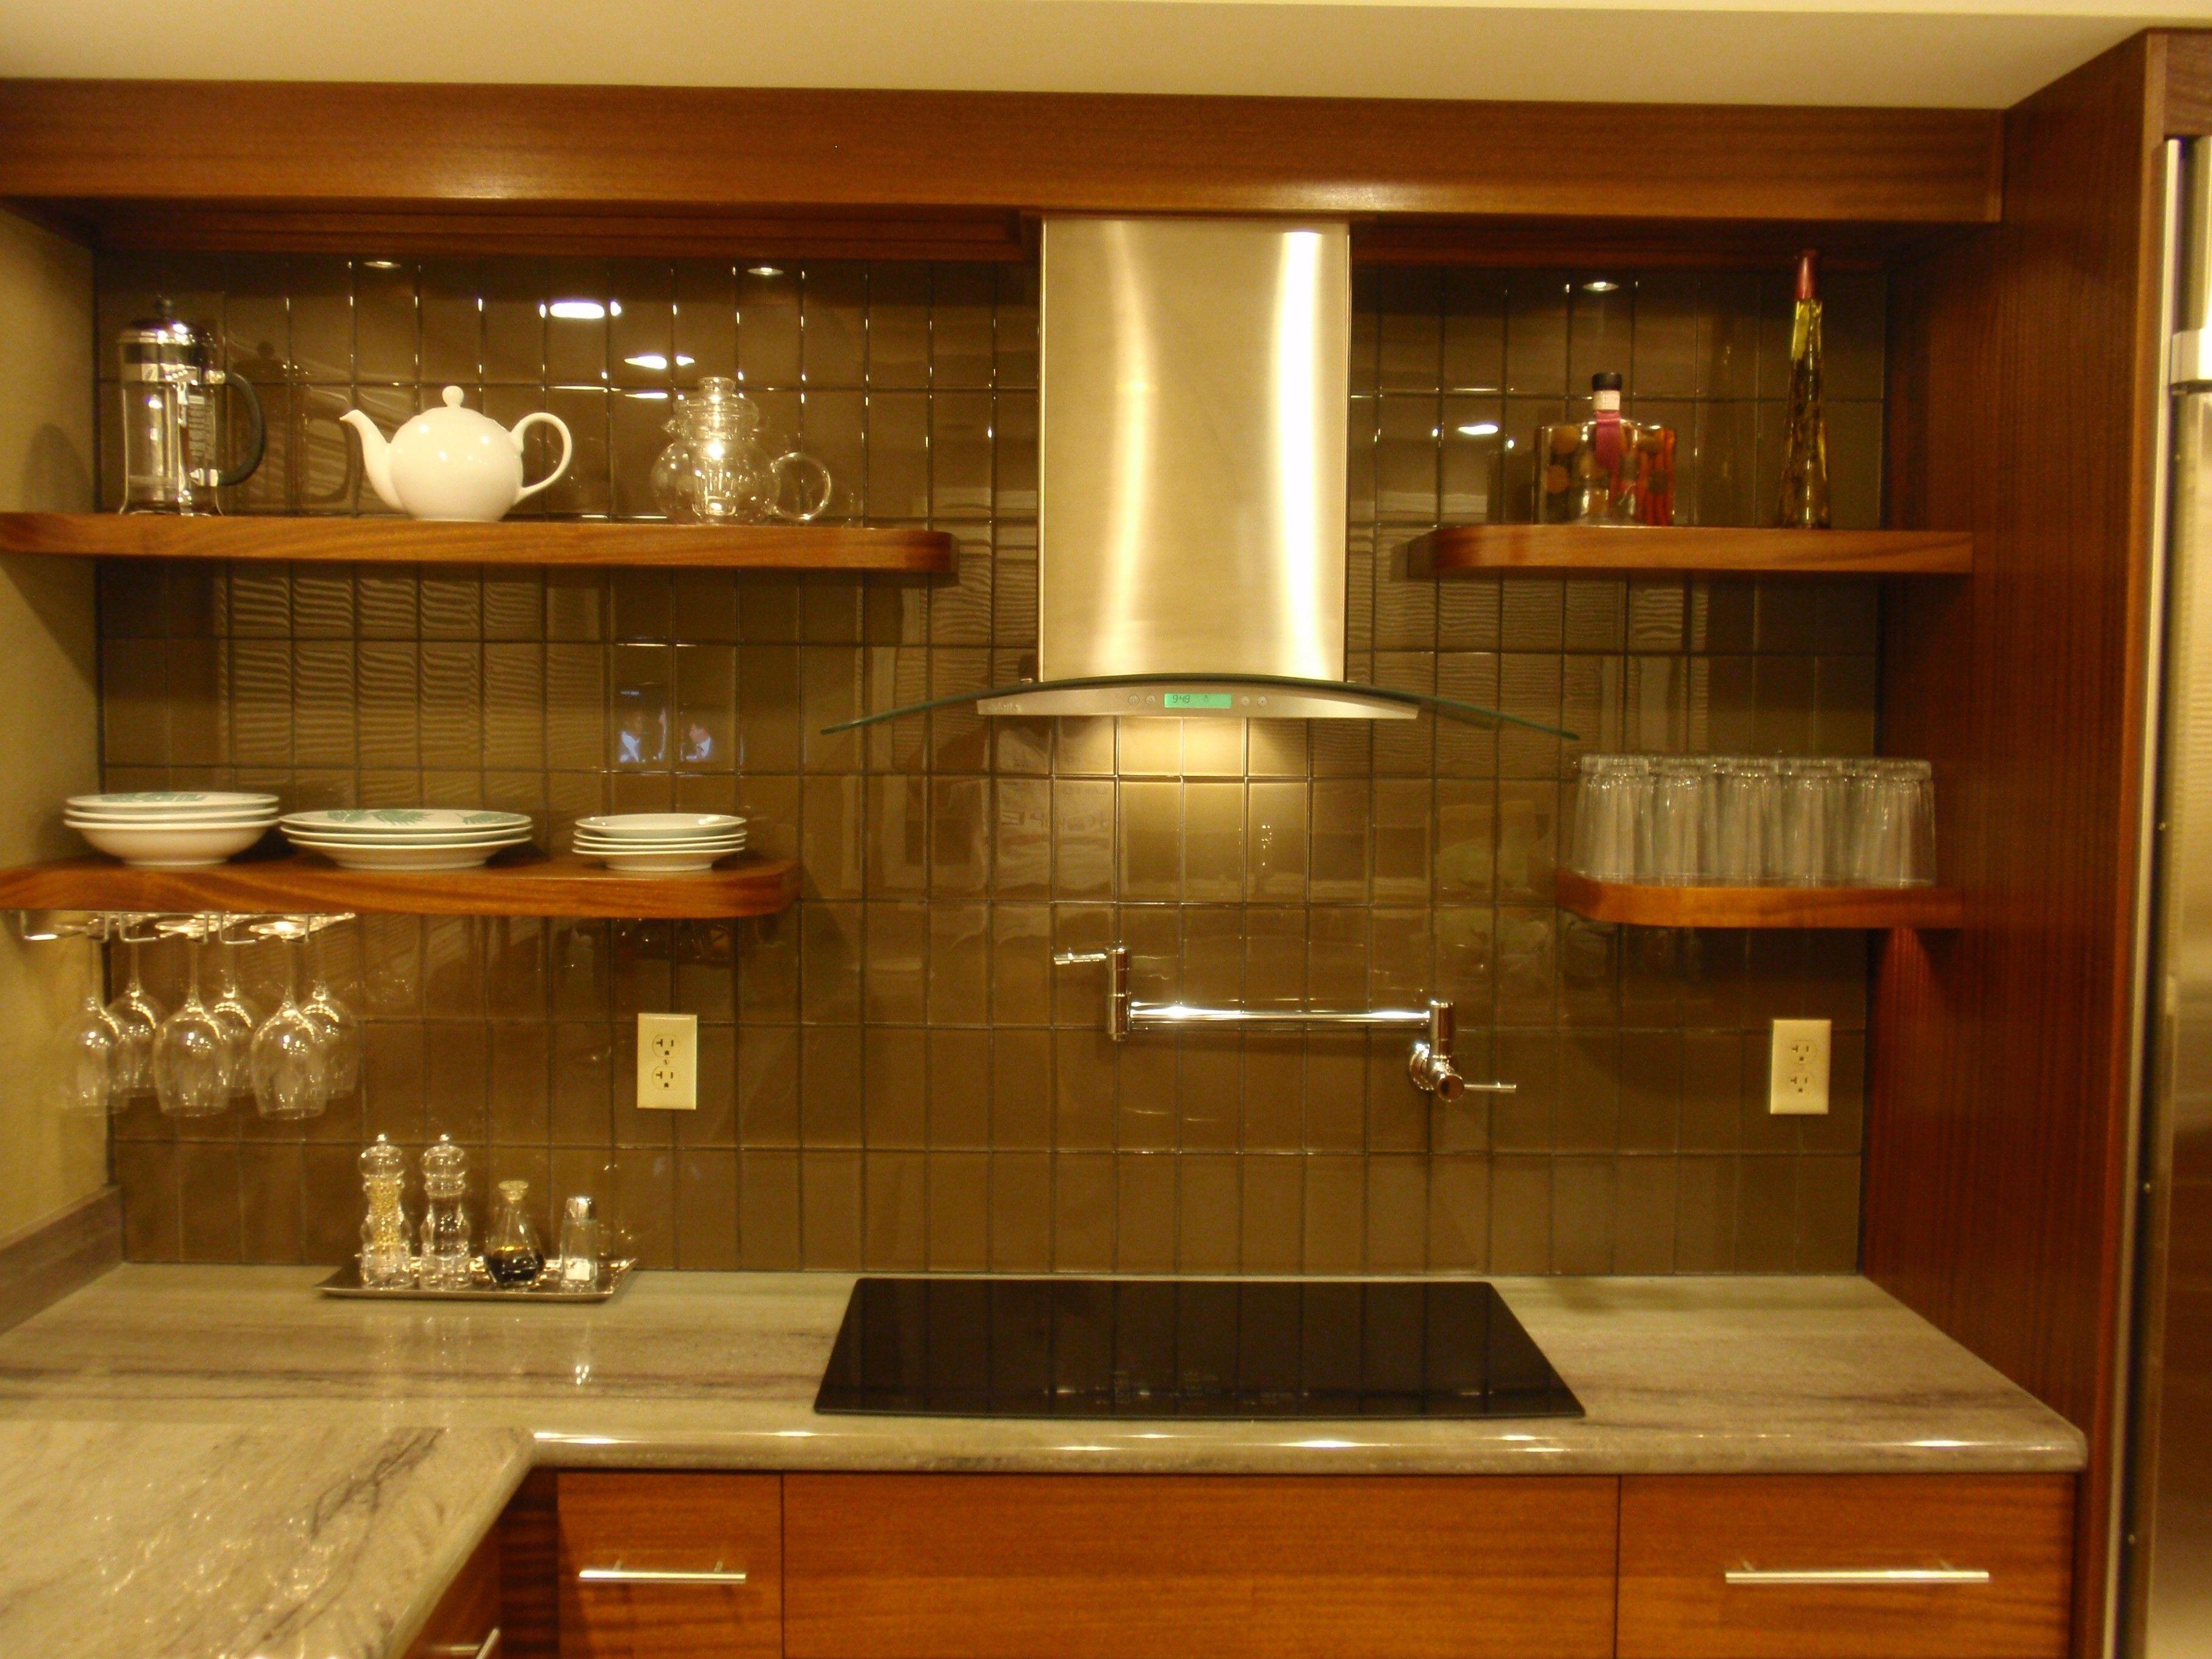 Lush Truffle 3x6 Rich Brown Glass Subway Tile Kitchen Backsplash